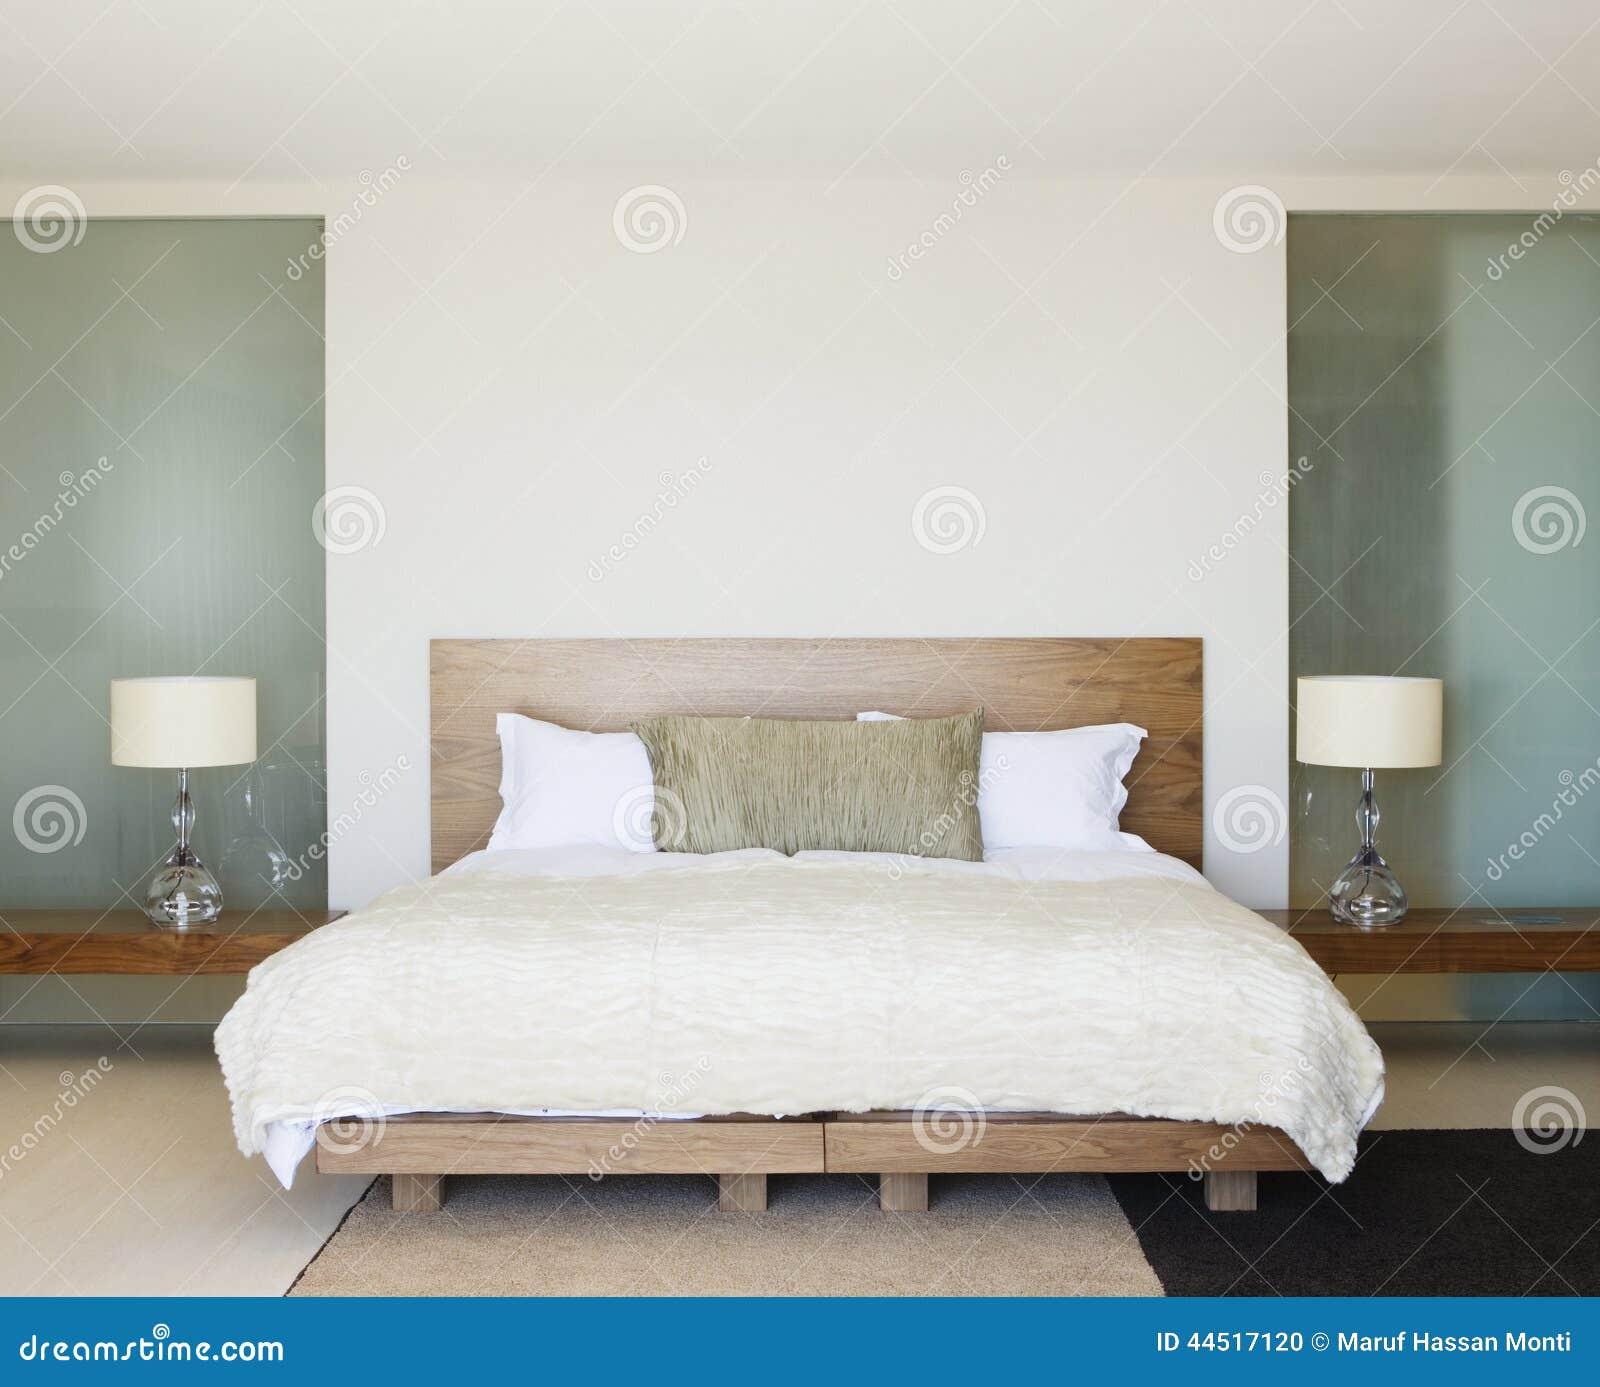 Camera da letto moderna con il letto di legno fotografia - Camera da letto con travi in legno ...